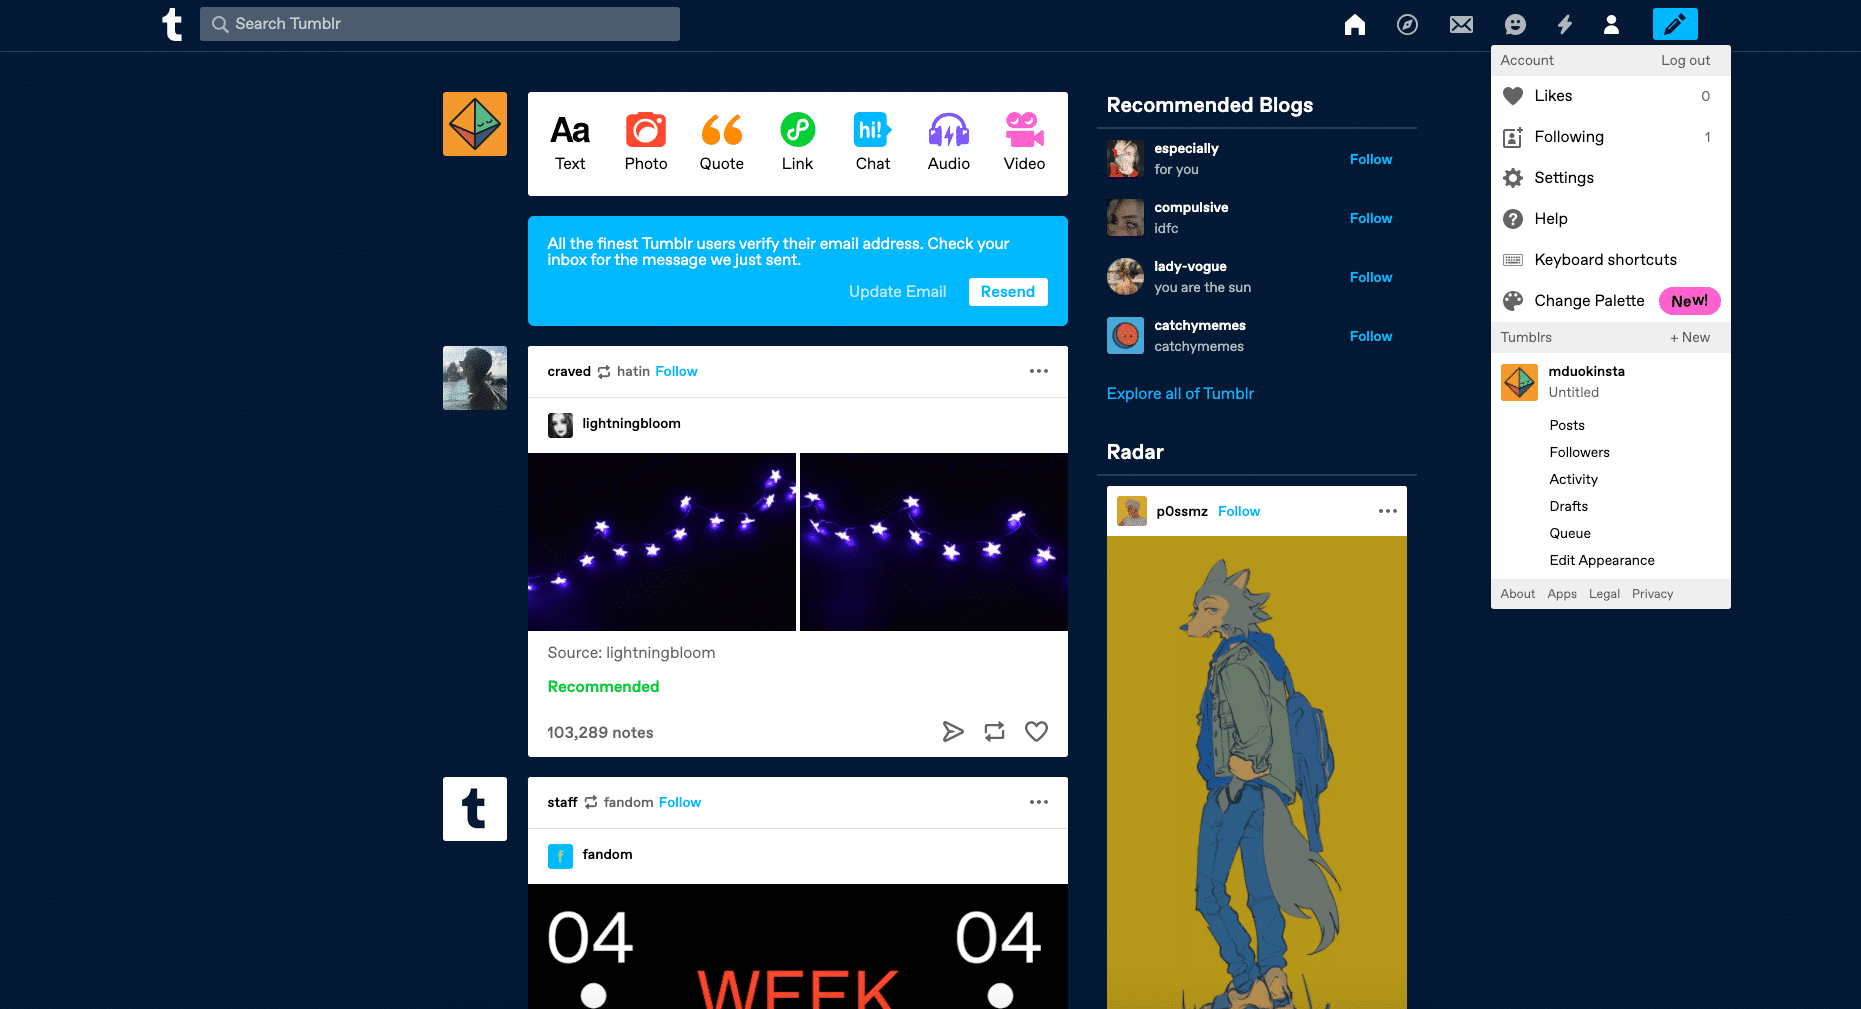 Instrumentpanel för Tumblr